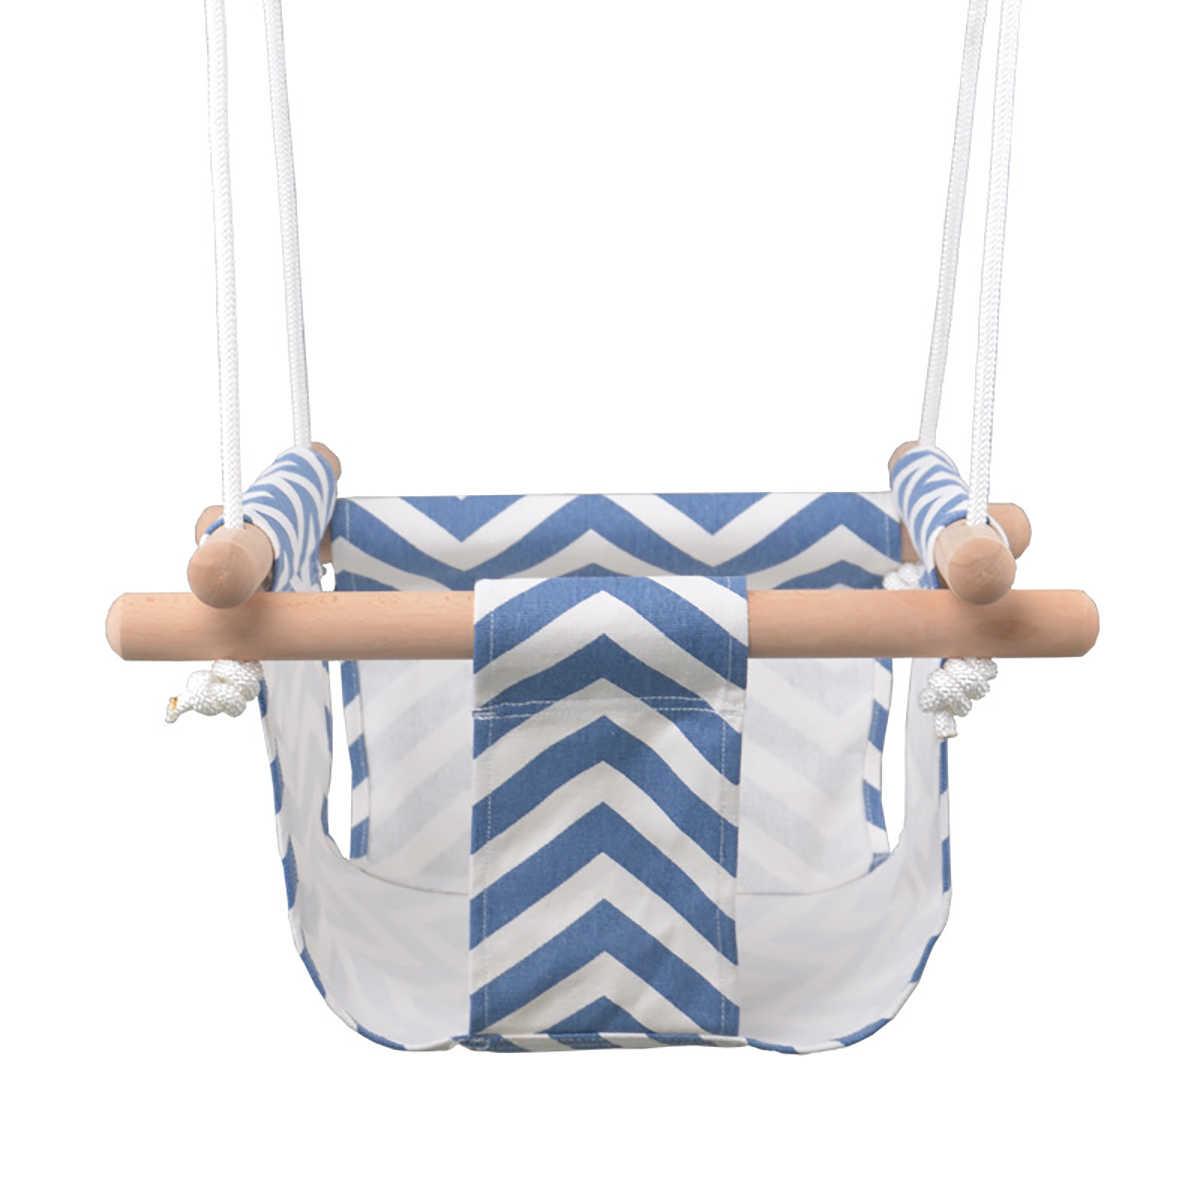 안전 아기 스윙 해먹 좌석 세트 캔버스 교수형 의자 쿠션 야외 실내 정원 나무 스윙 로커